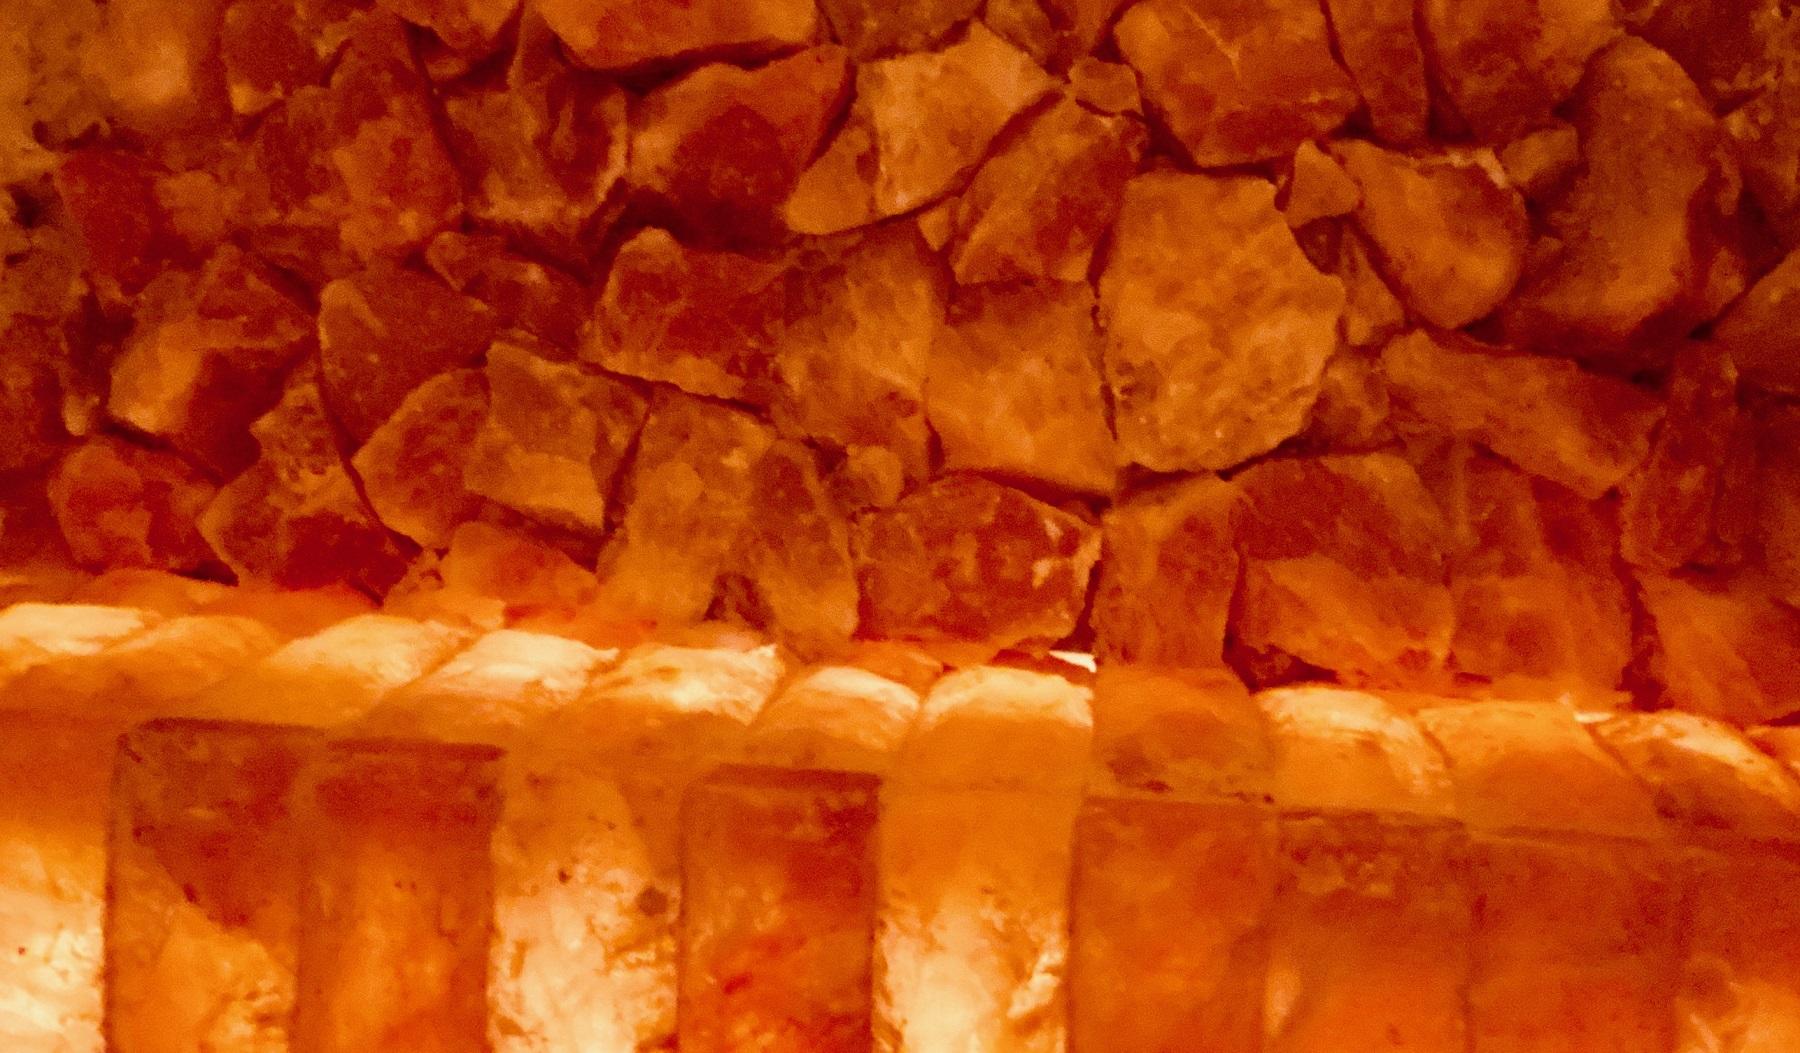 crystalized salt beds option 1